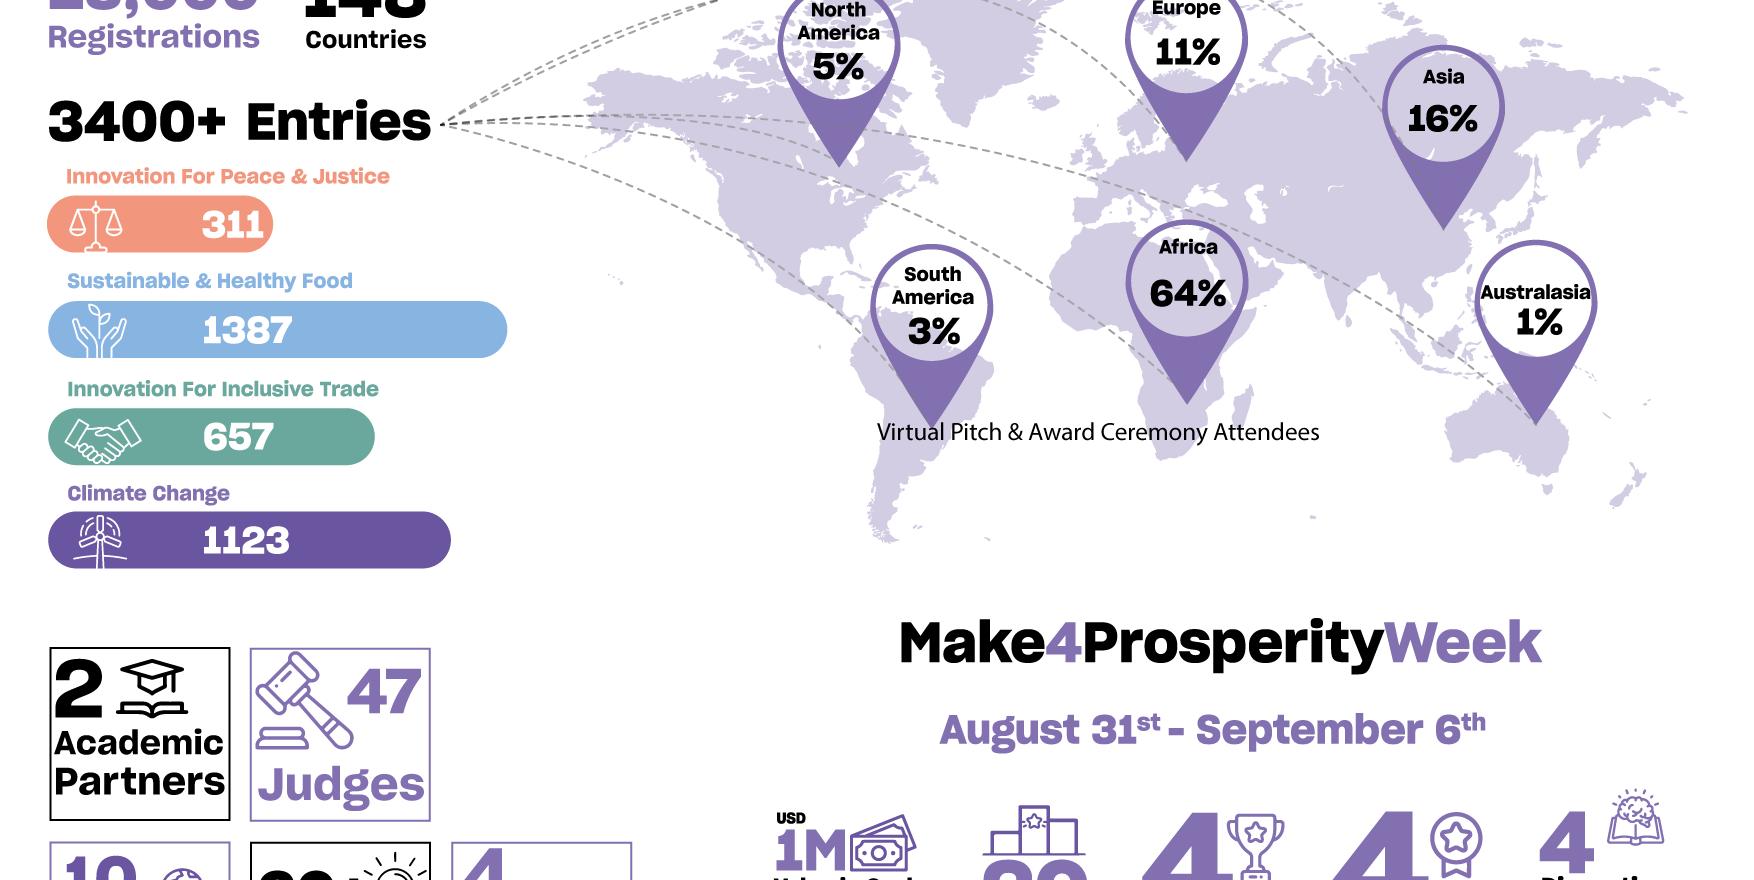 Mohammed bin Rashid Initiative for Global Prosperity